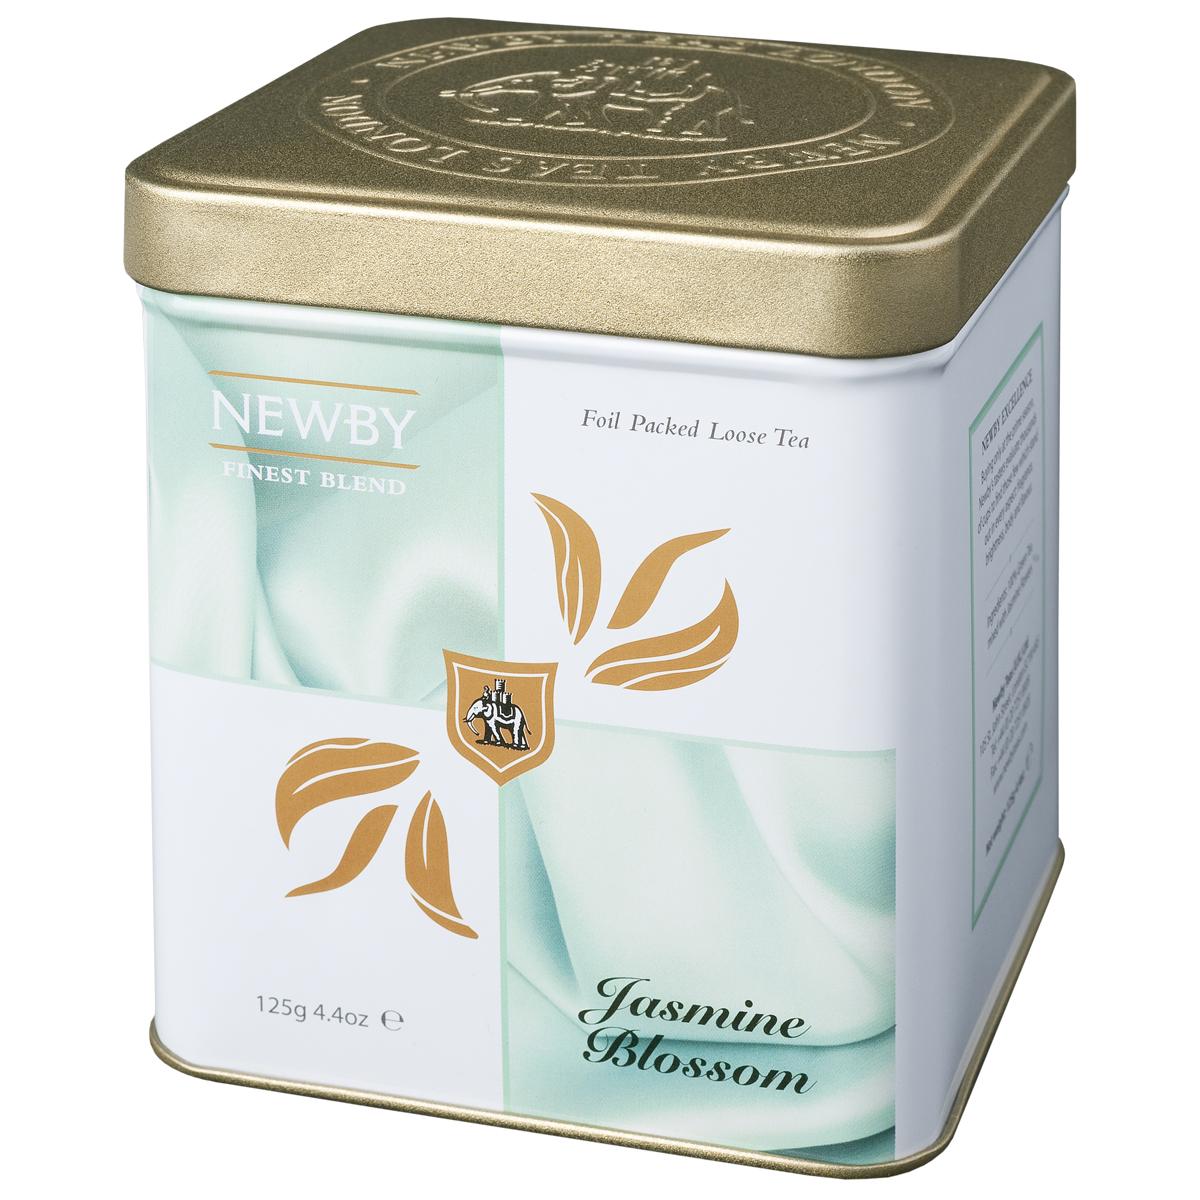 Newby Jasmine Blossom зеленый листовой чай, 125 г0120710Китайский листовой чай Newby Jasmine Blossom с ароматом цветов жасмина. Имеет светло-медовый оттенок и ароматное цветочное послевкусие.